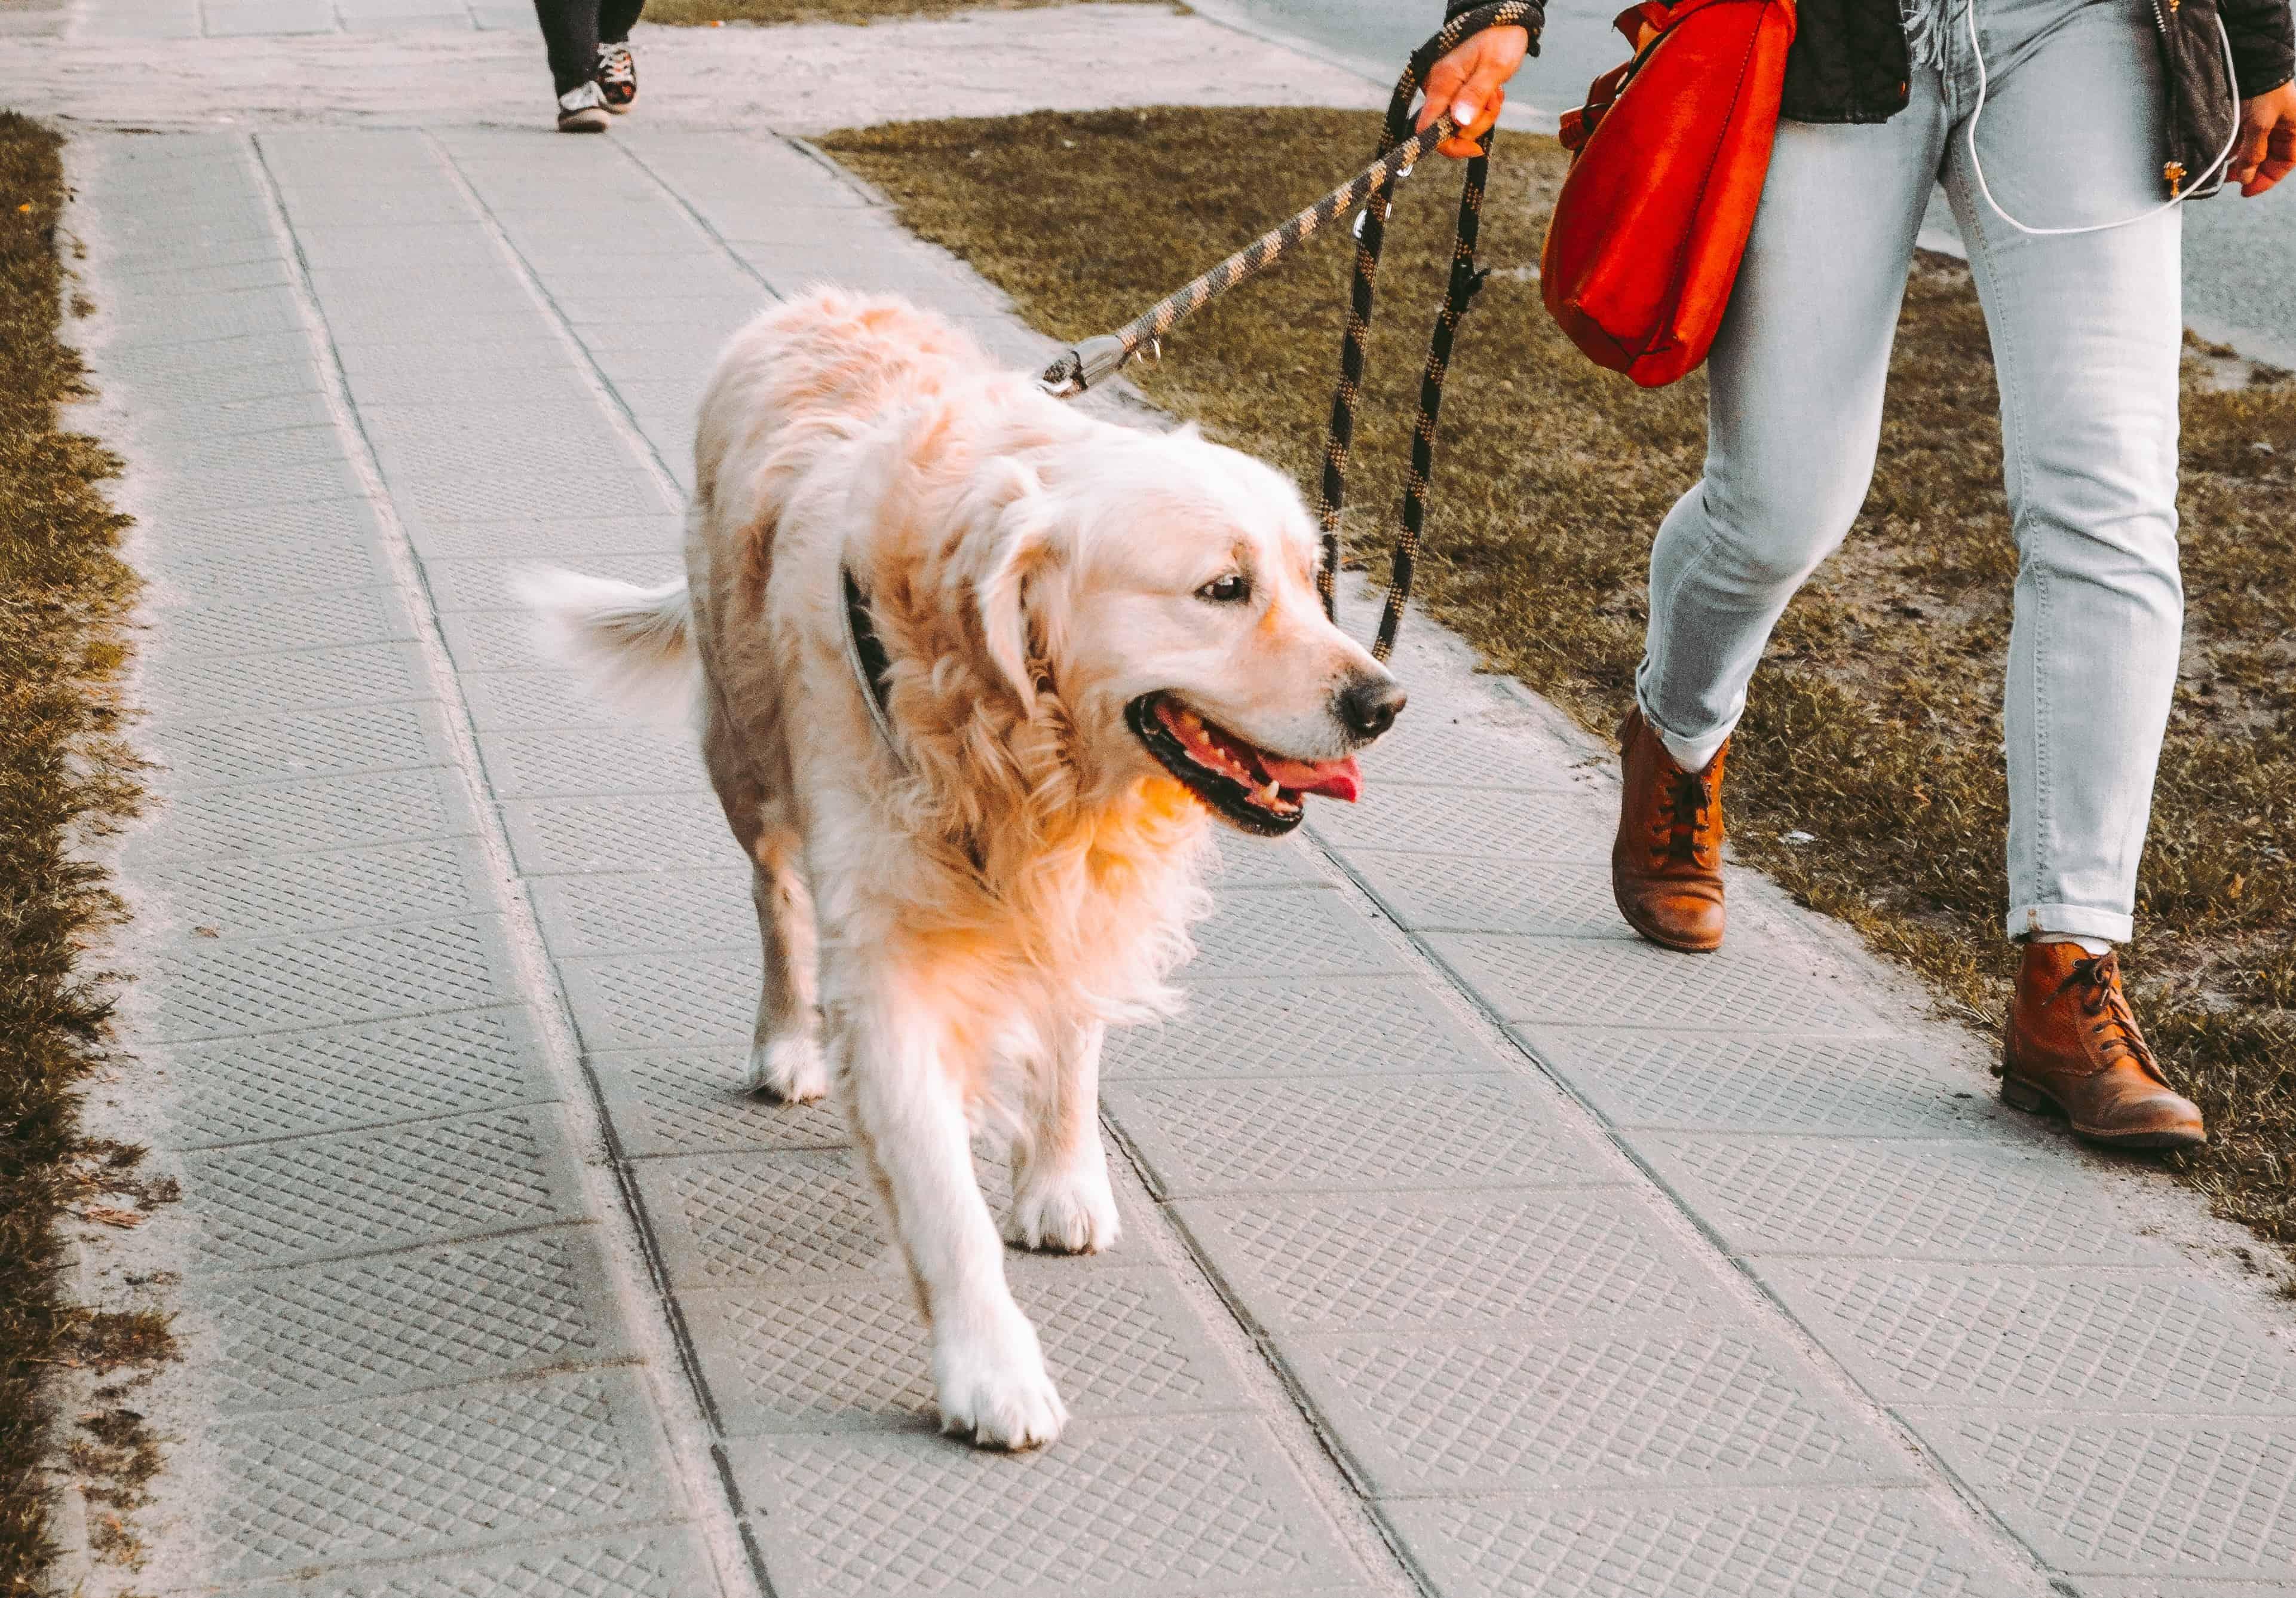 Cane a passeggio a guinzaglio